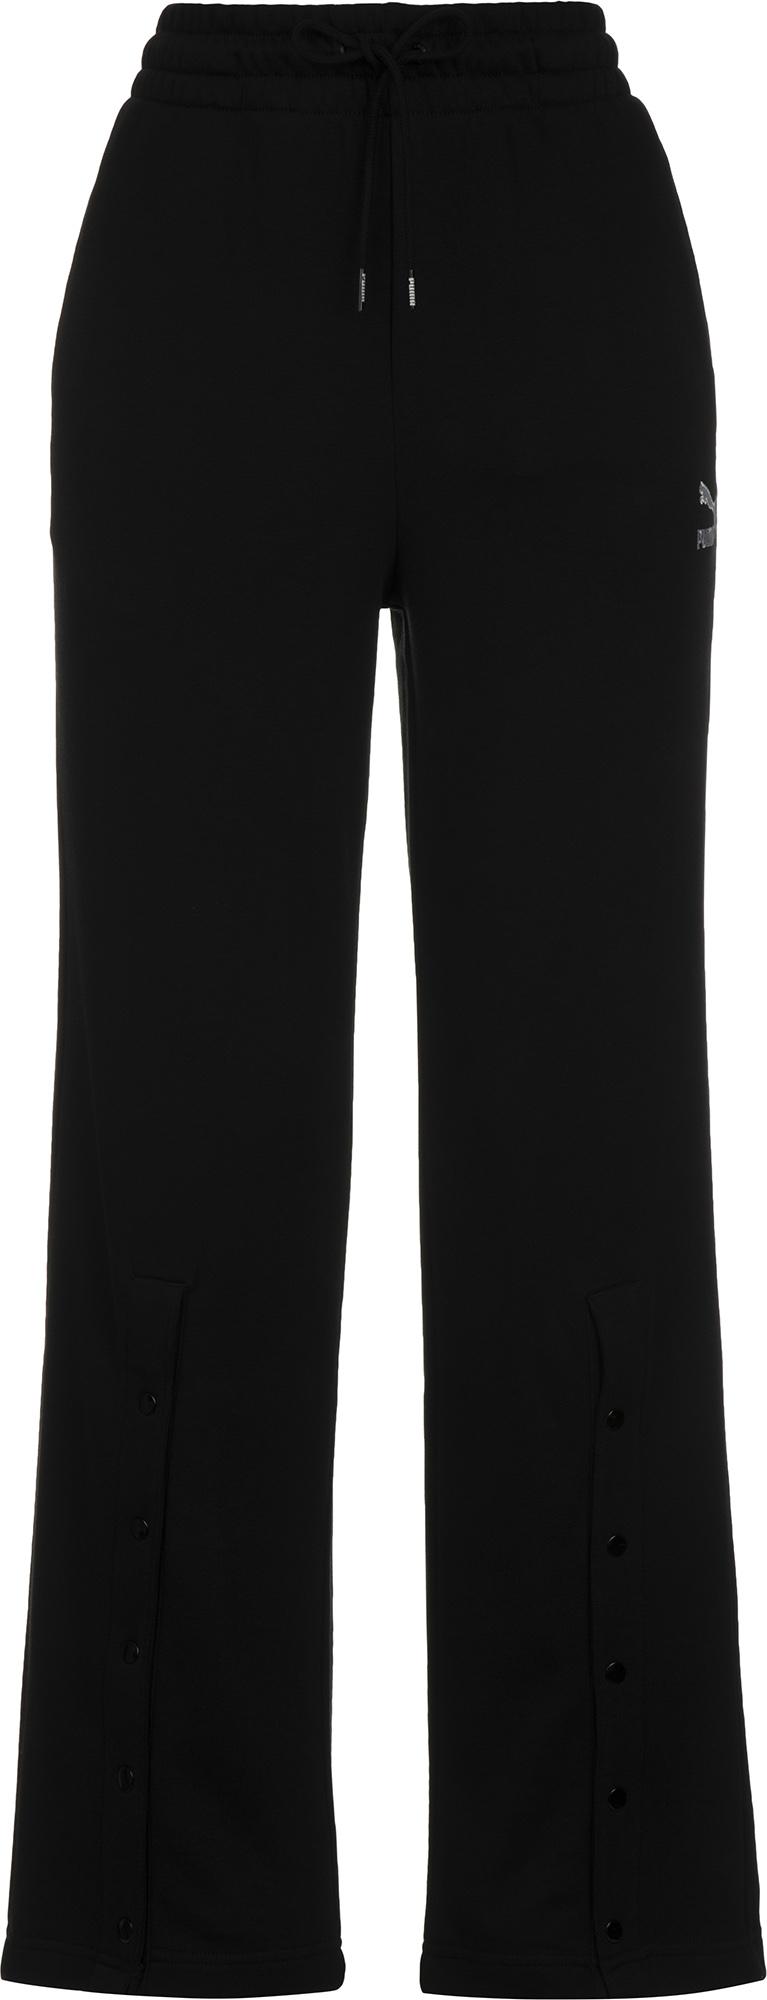 Брюки женские Puma Classics Straight, размер 46-48 puma брюки женские puma amplified размер 46 48